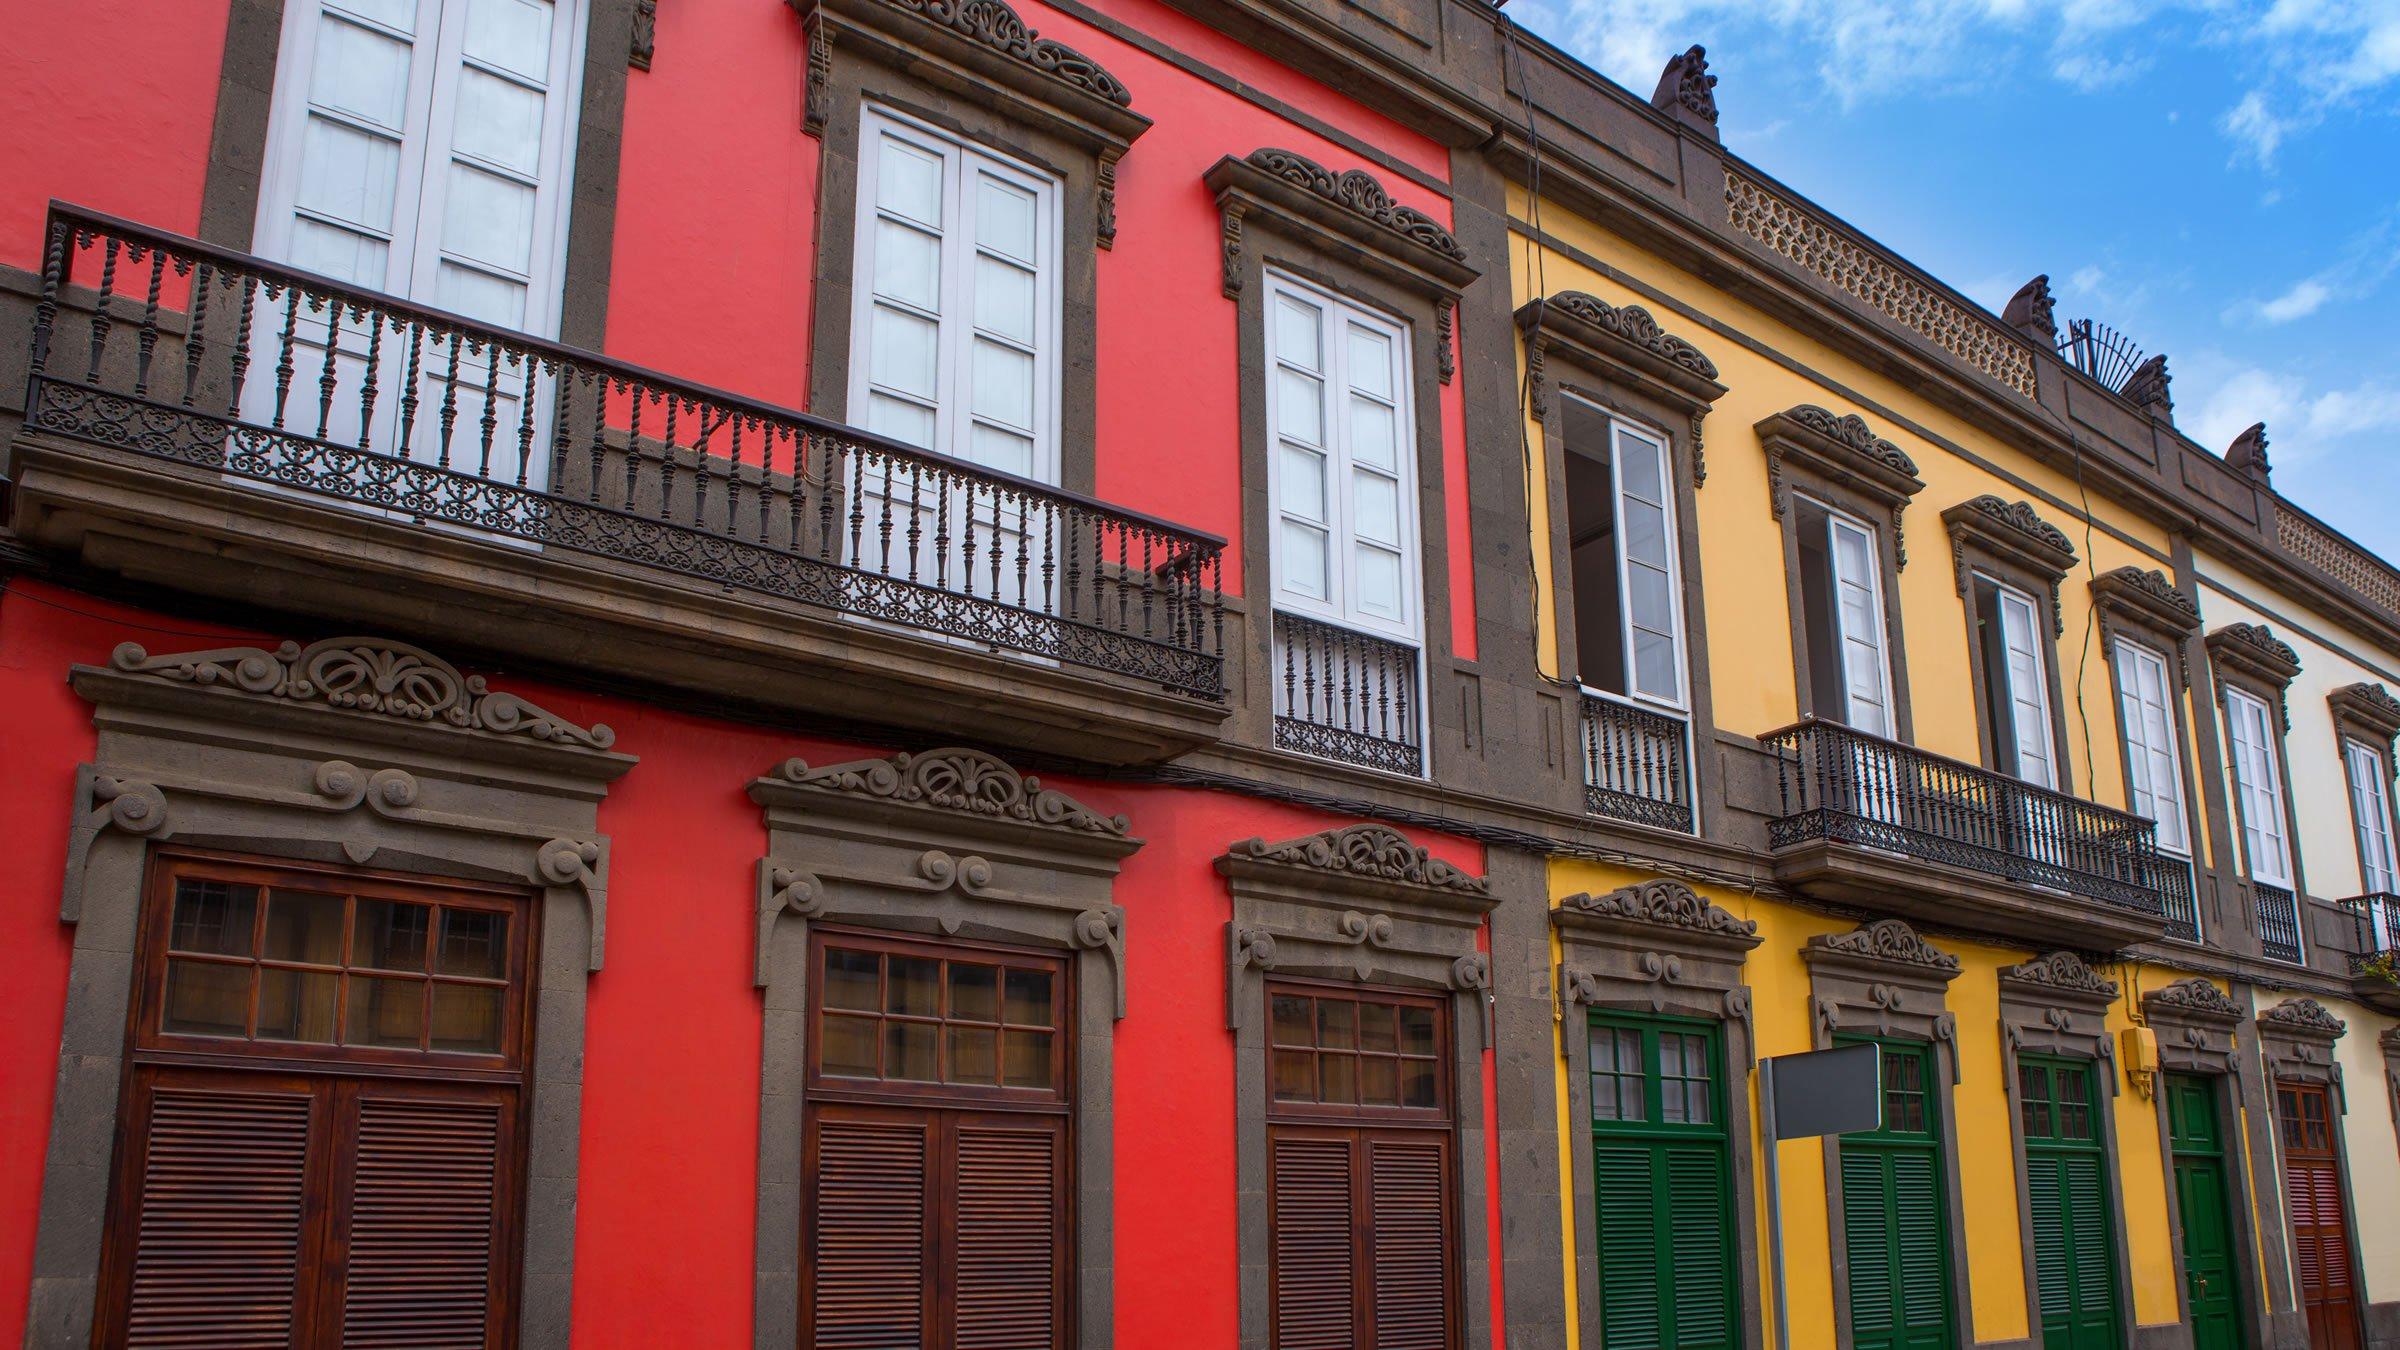 Fachadas tradicionales del barrio de La Vegueta, Las Palmas